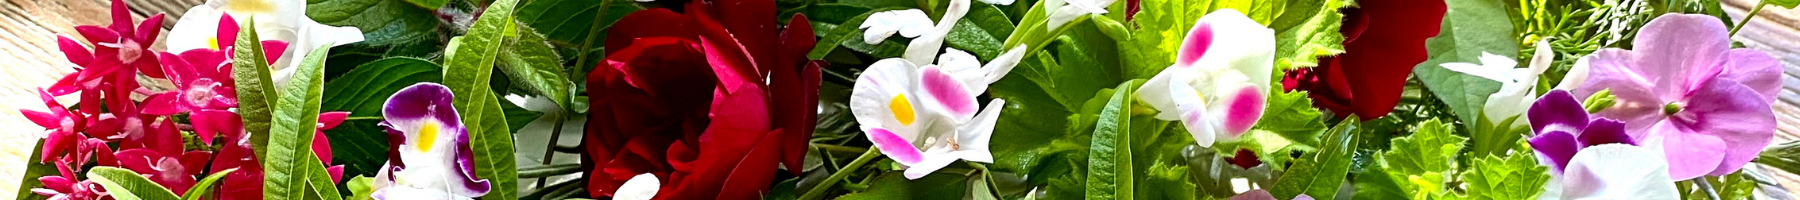 sakiwai(さきわい)について - カフェや飲食店におすすめ 食用花(エディブルフラワー)のある無農薬カフェ カフェ&グリーンれんげハウス